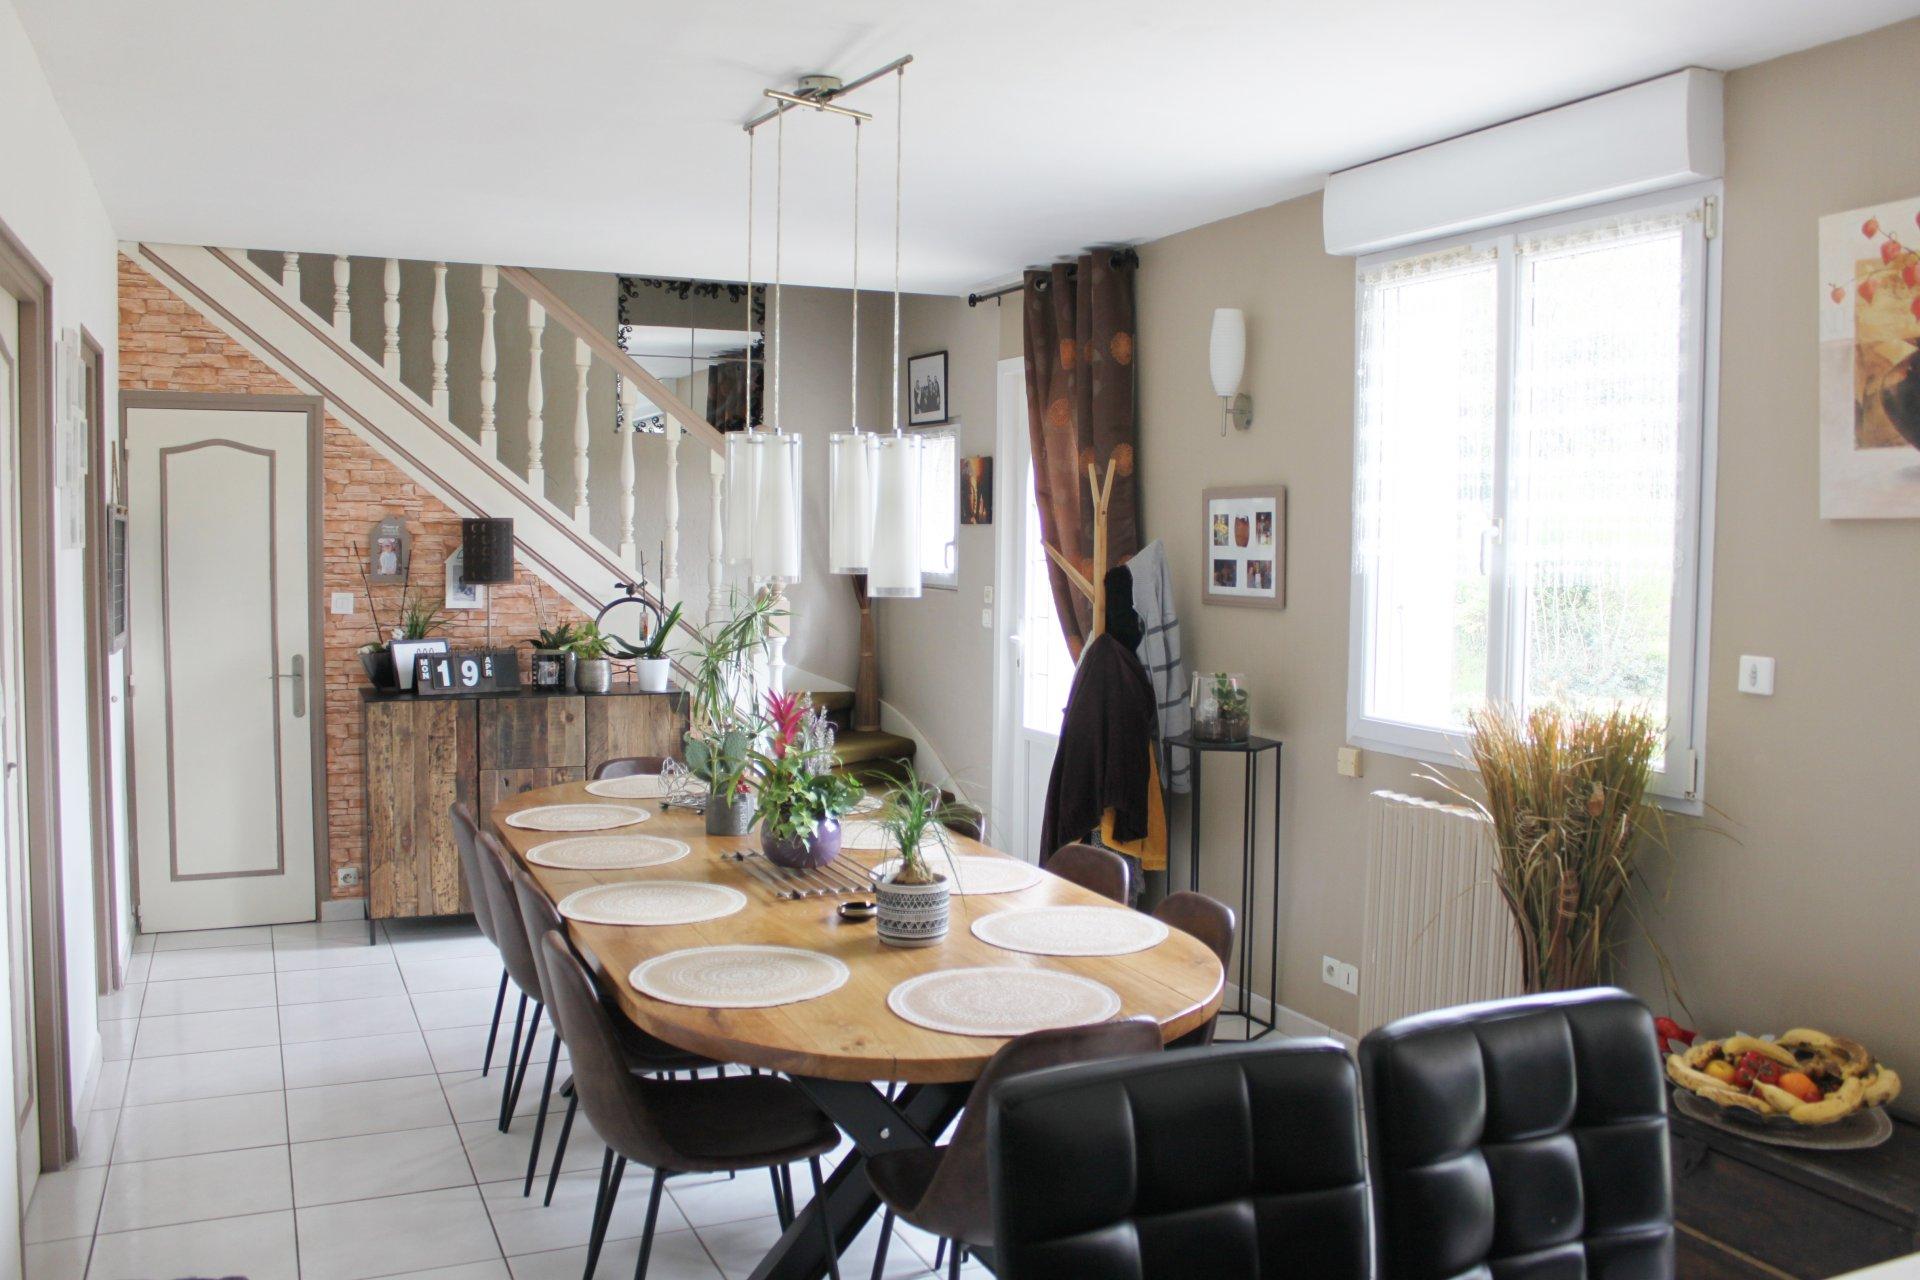 Maison 7 pièces 120m² - Landivisiau